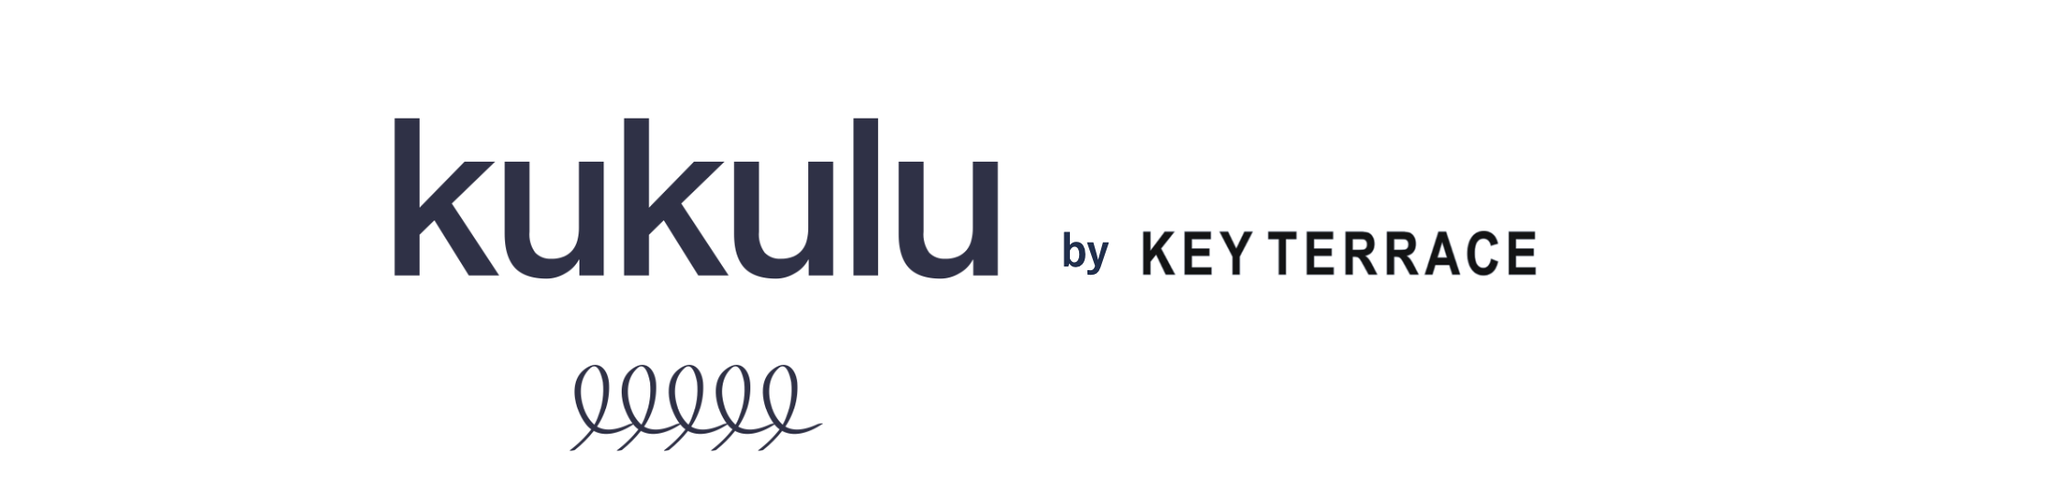 kukulu by KEY TERRACE